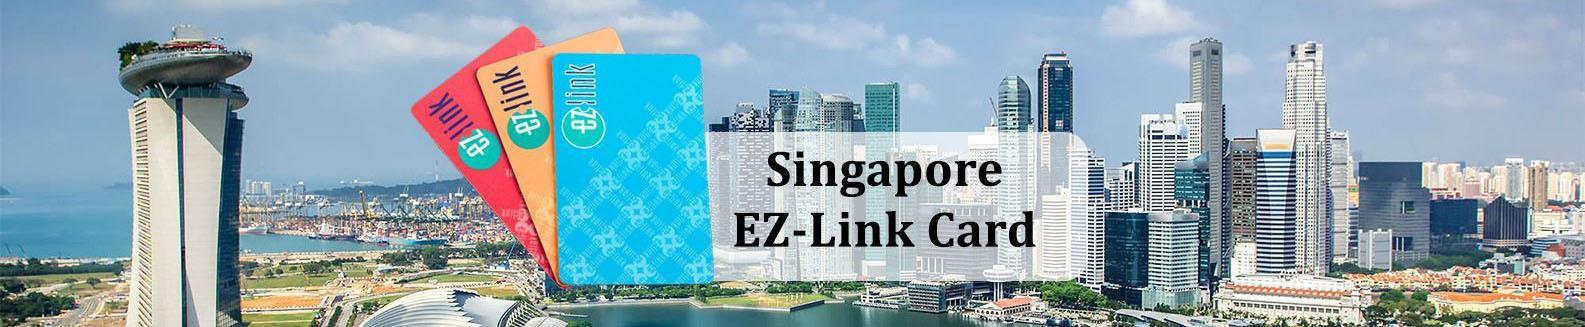 the-ez-link-the-di-tau-dien-xe-bus-singapore